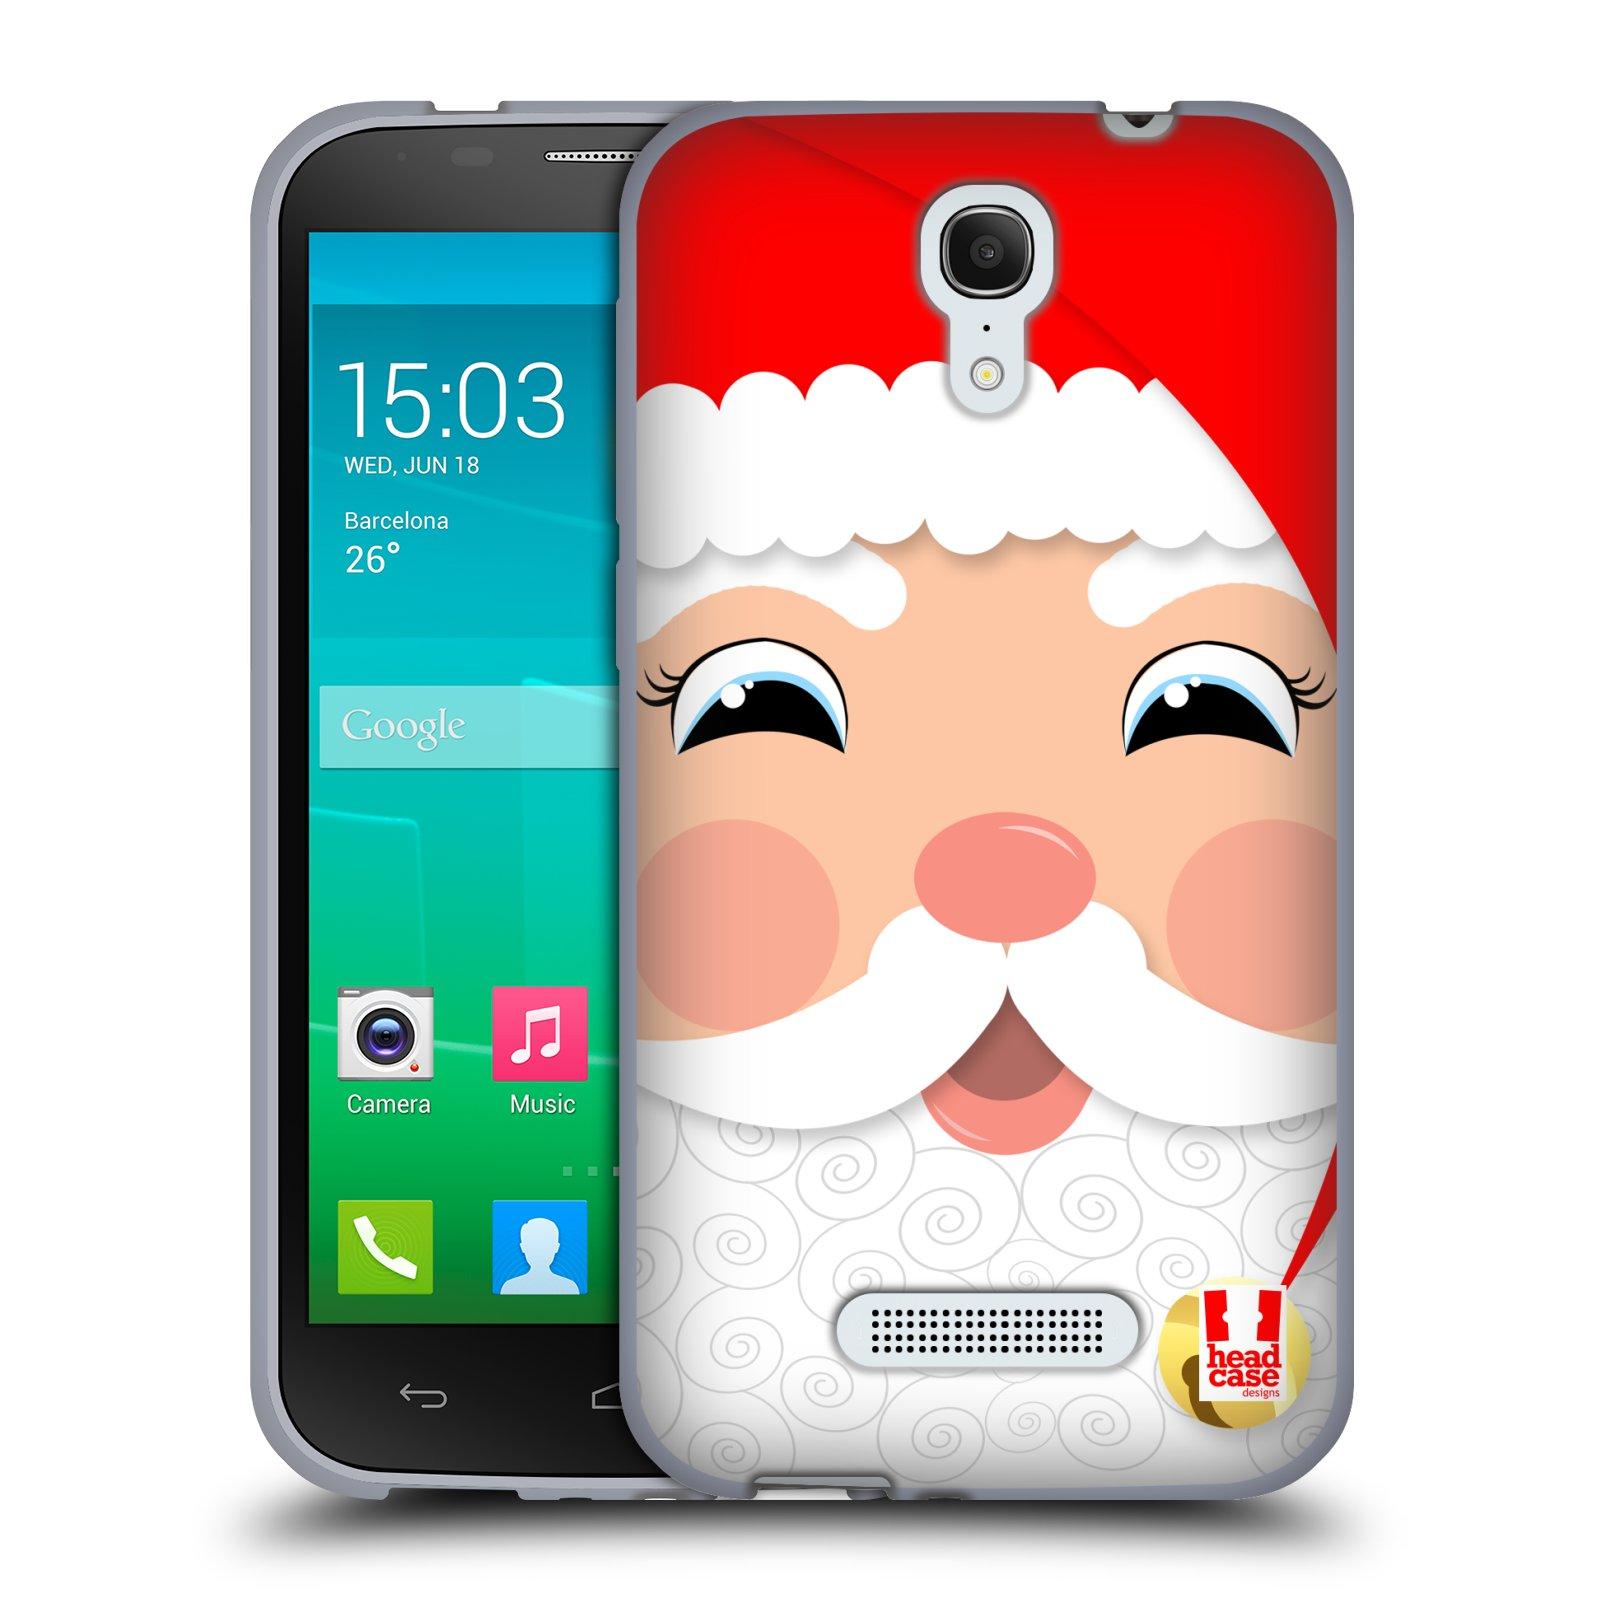 HEAD CASE silikonový obal na mobil Alcatel POP S7 vzor Vánoční tváře kreslené SANTA CLAUS